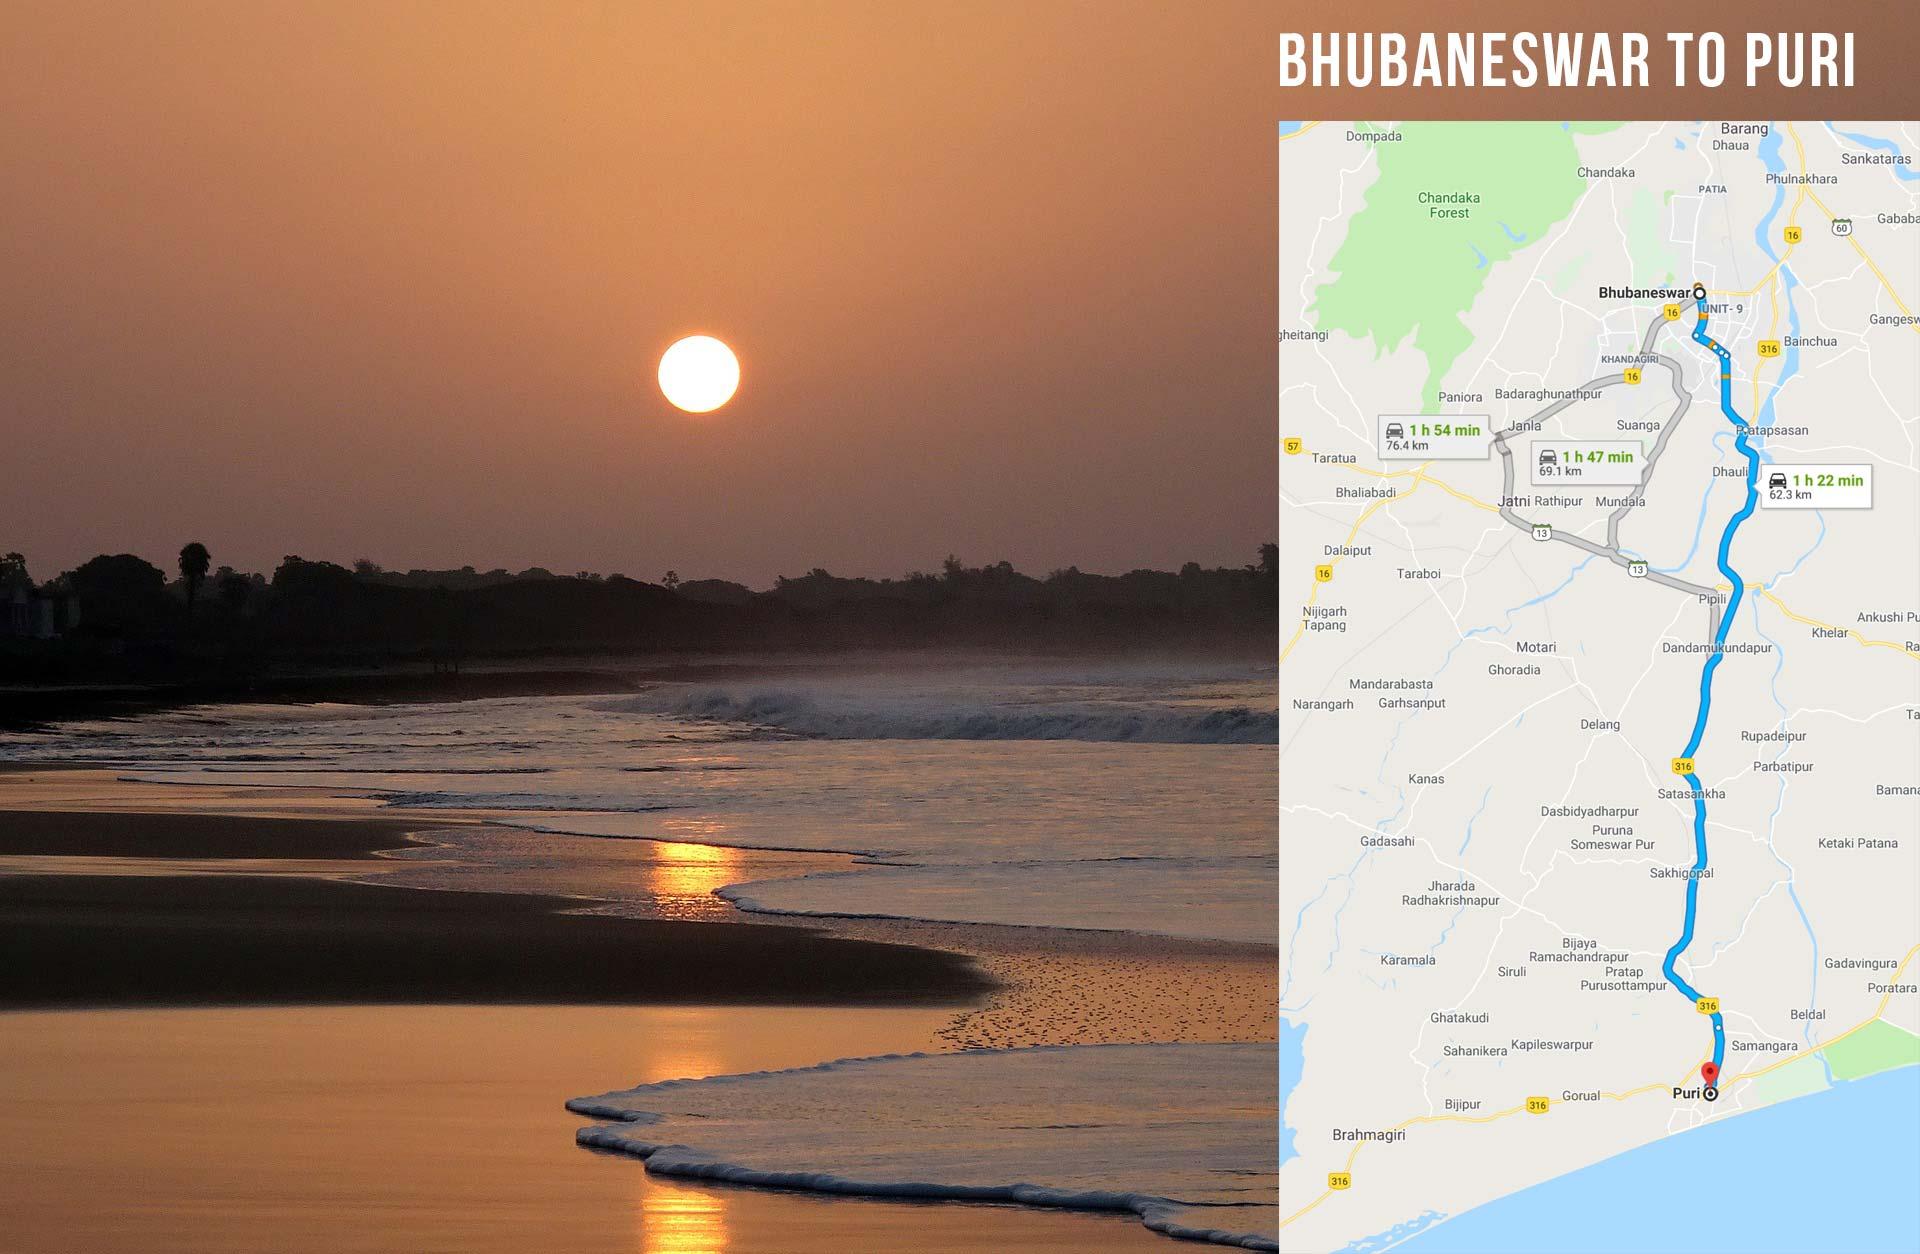 India - Bhubaneswar to Puri